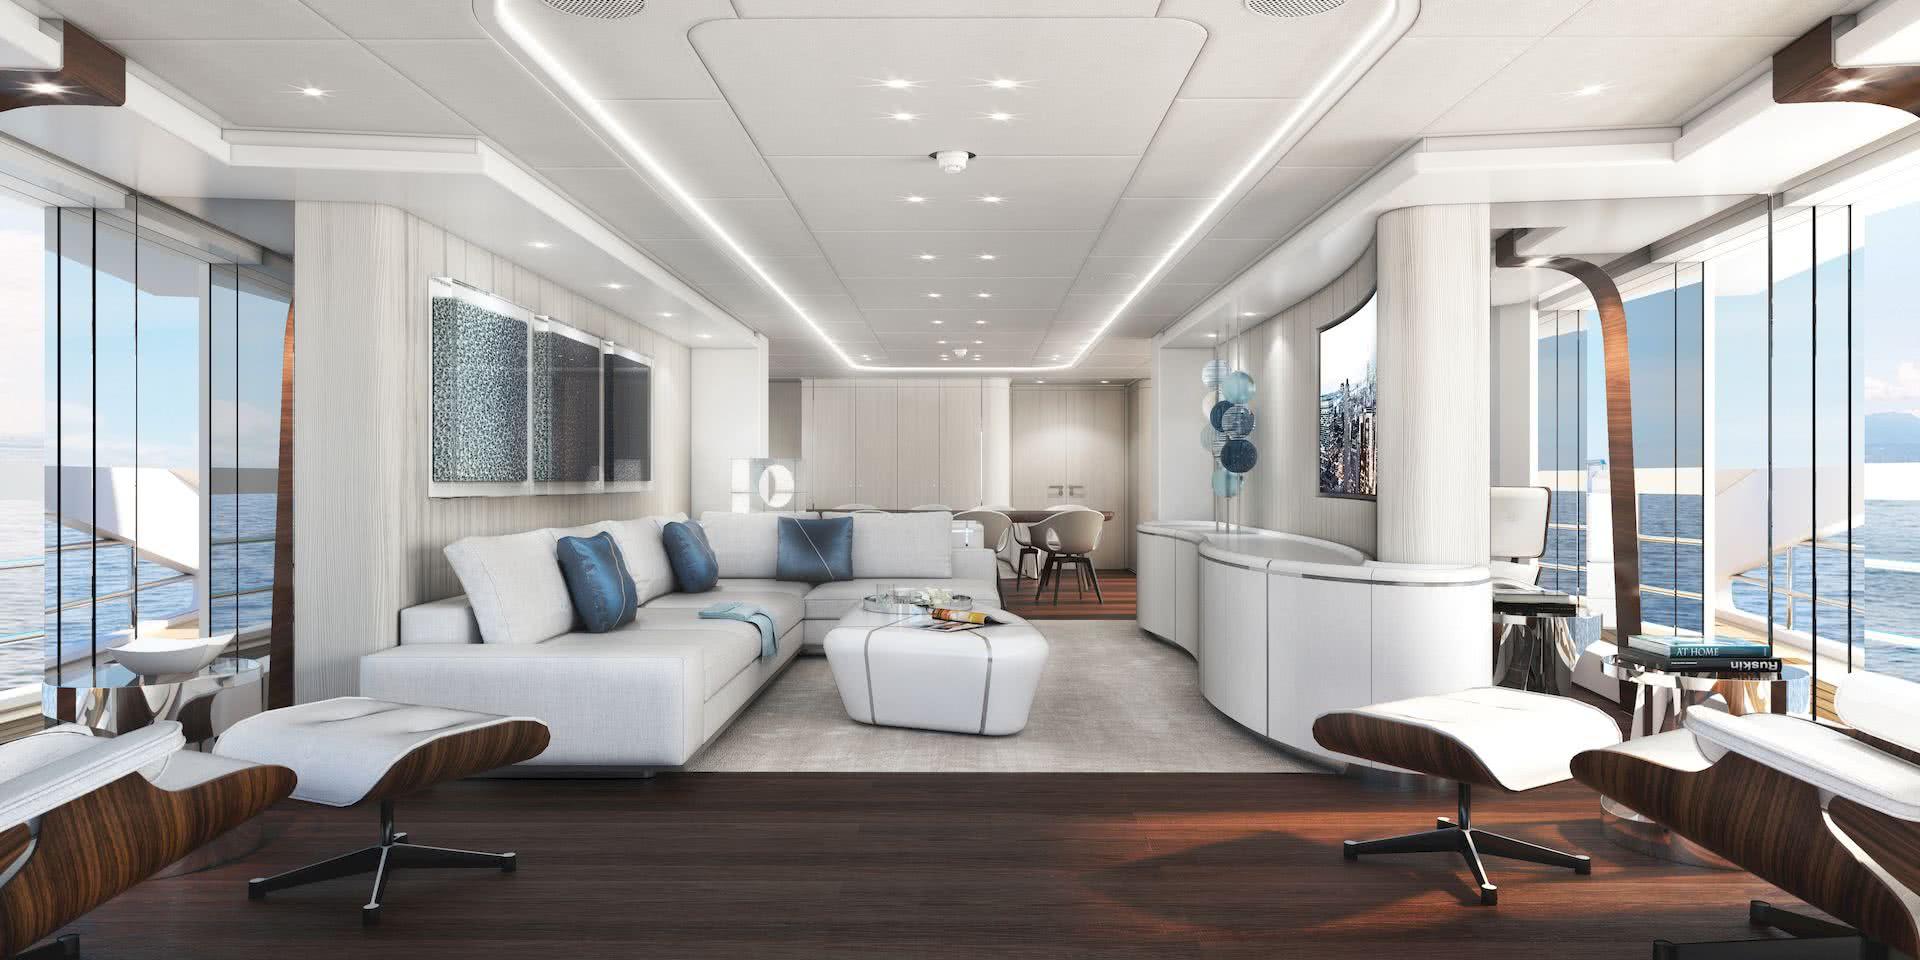 Amare II Hybrid Yacht Interior Design